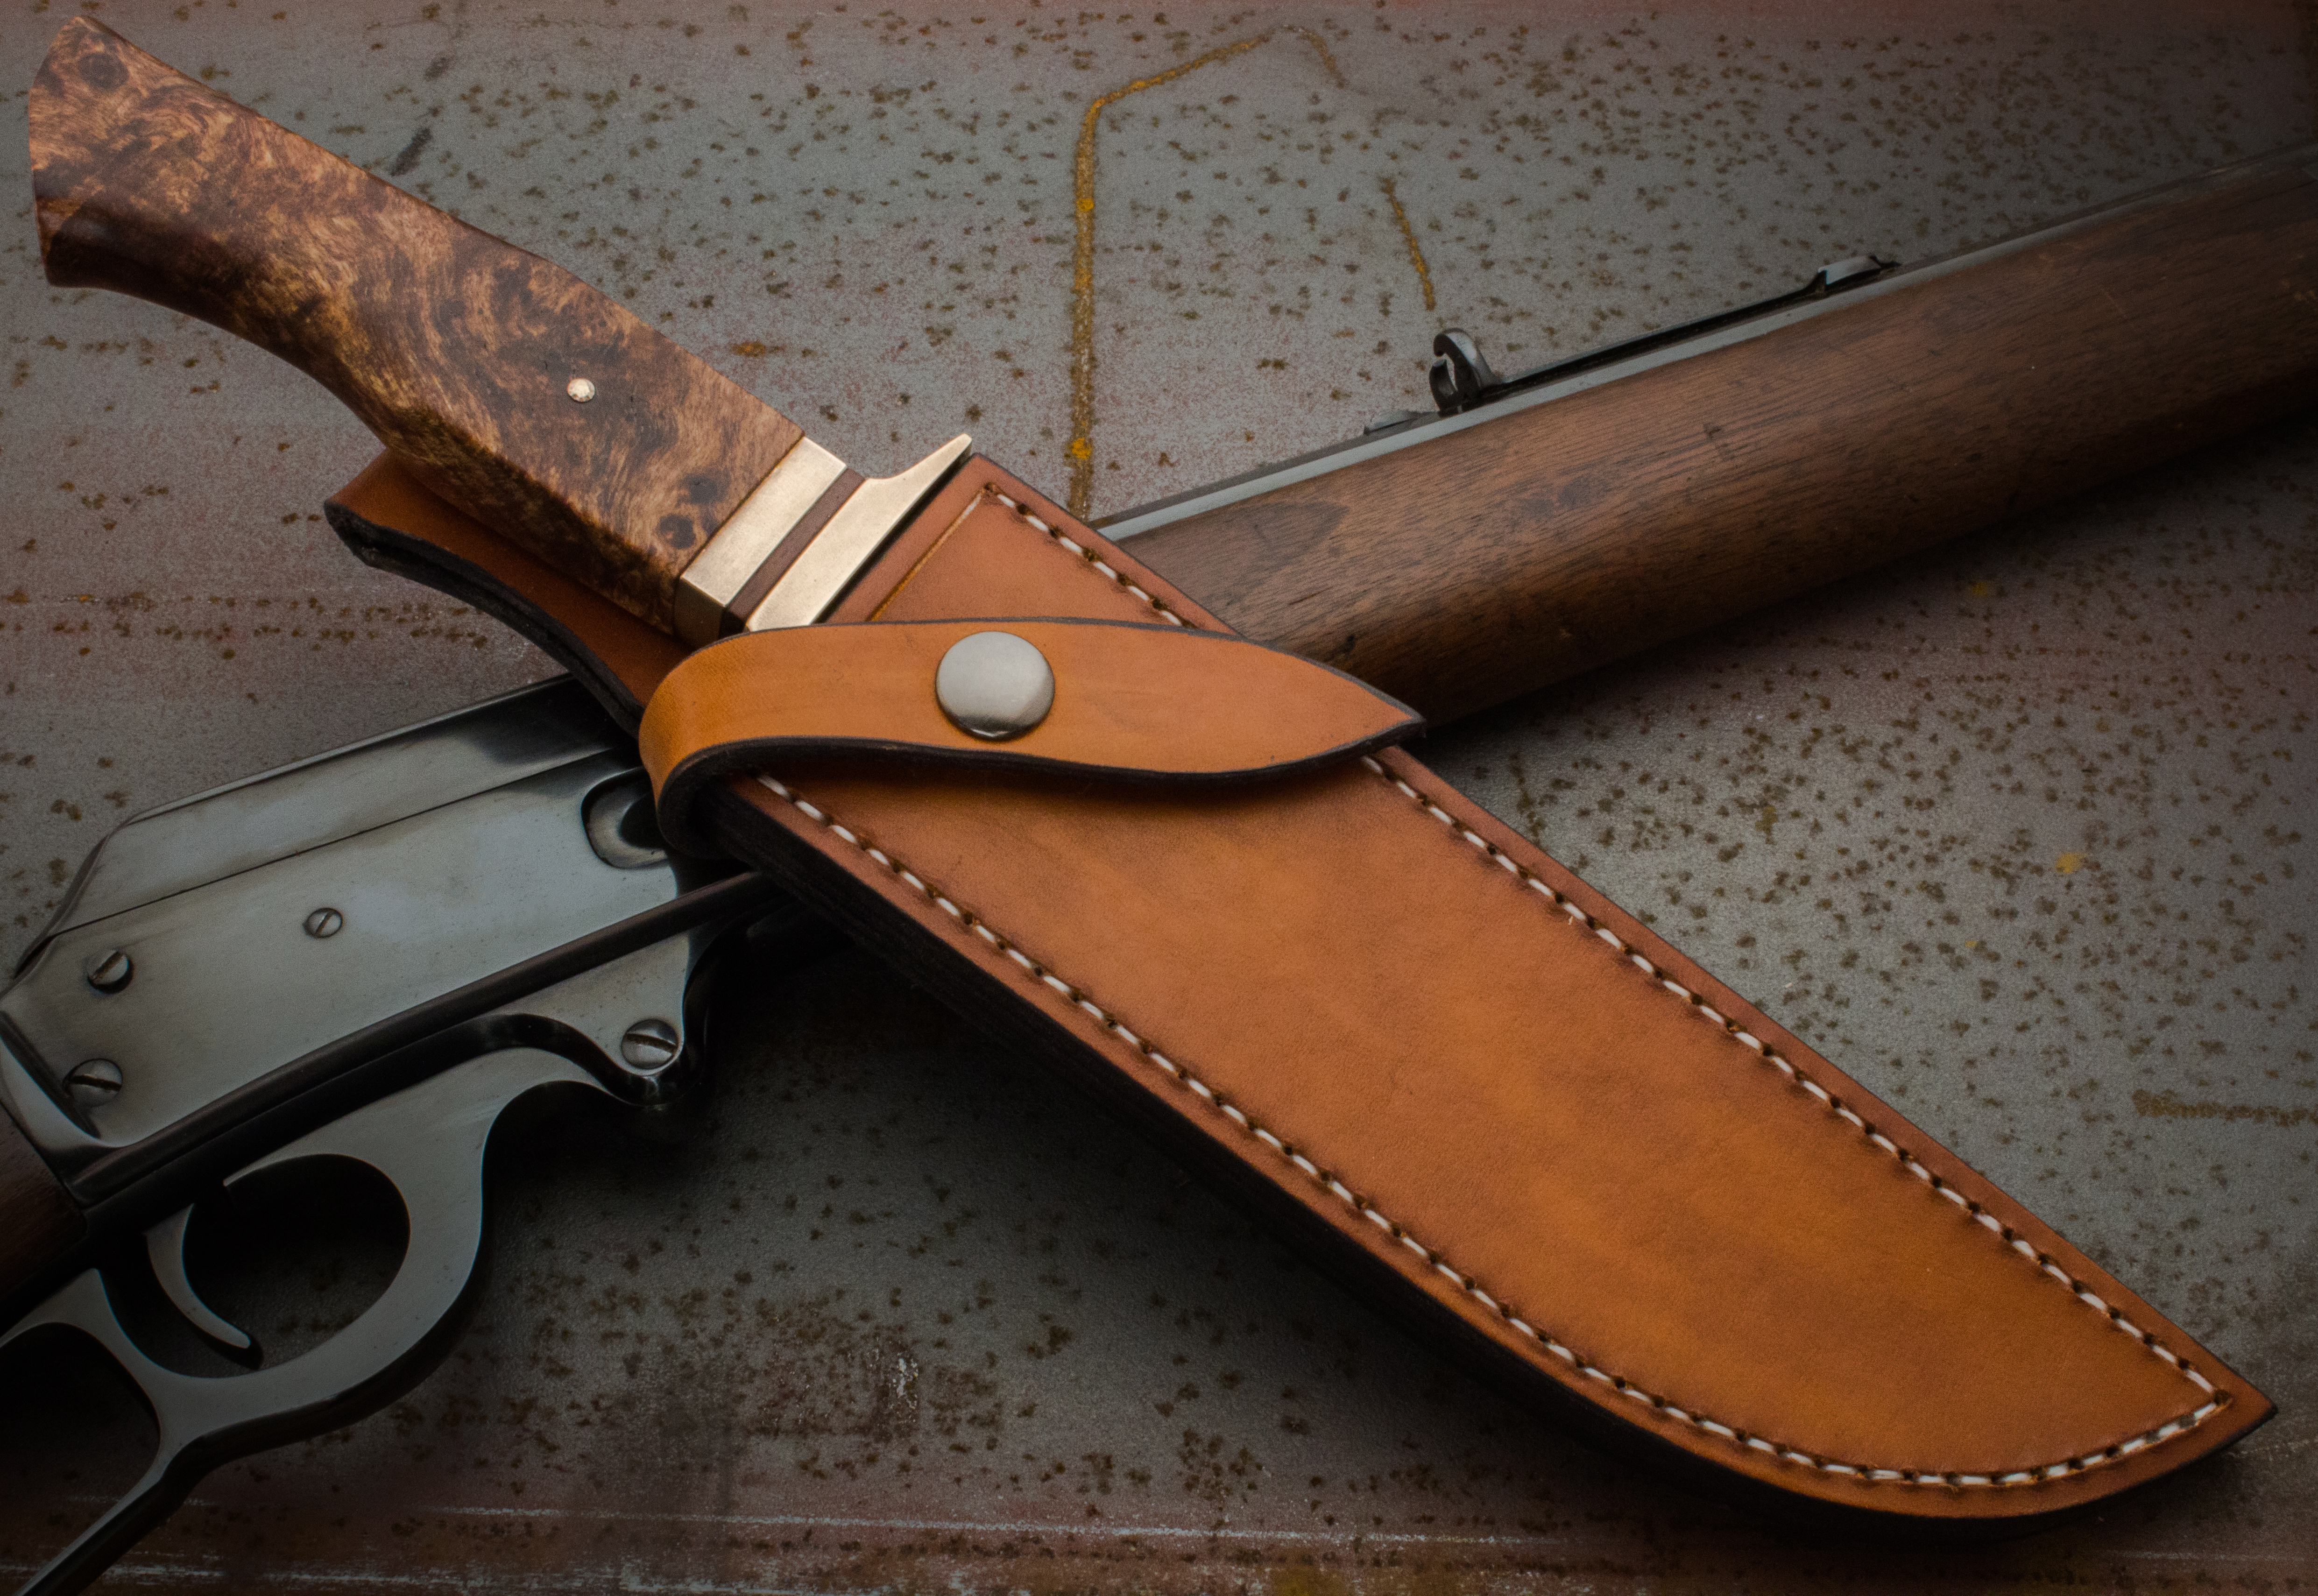 Rifleman's Knife